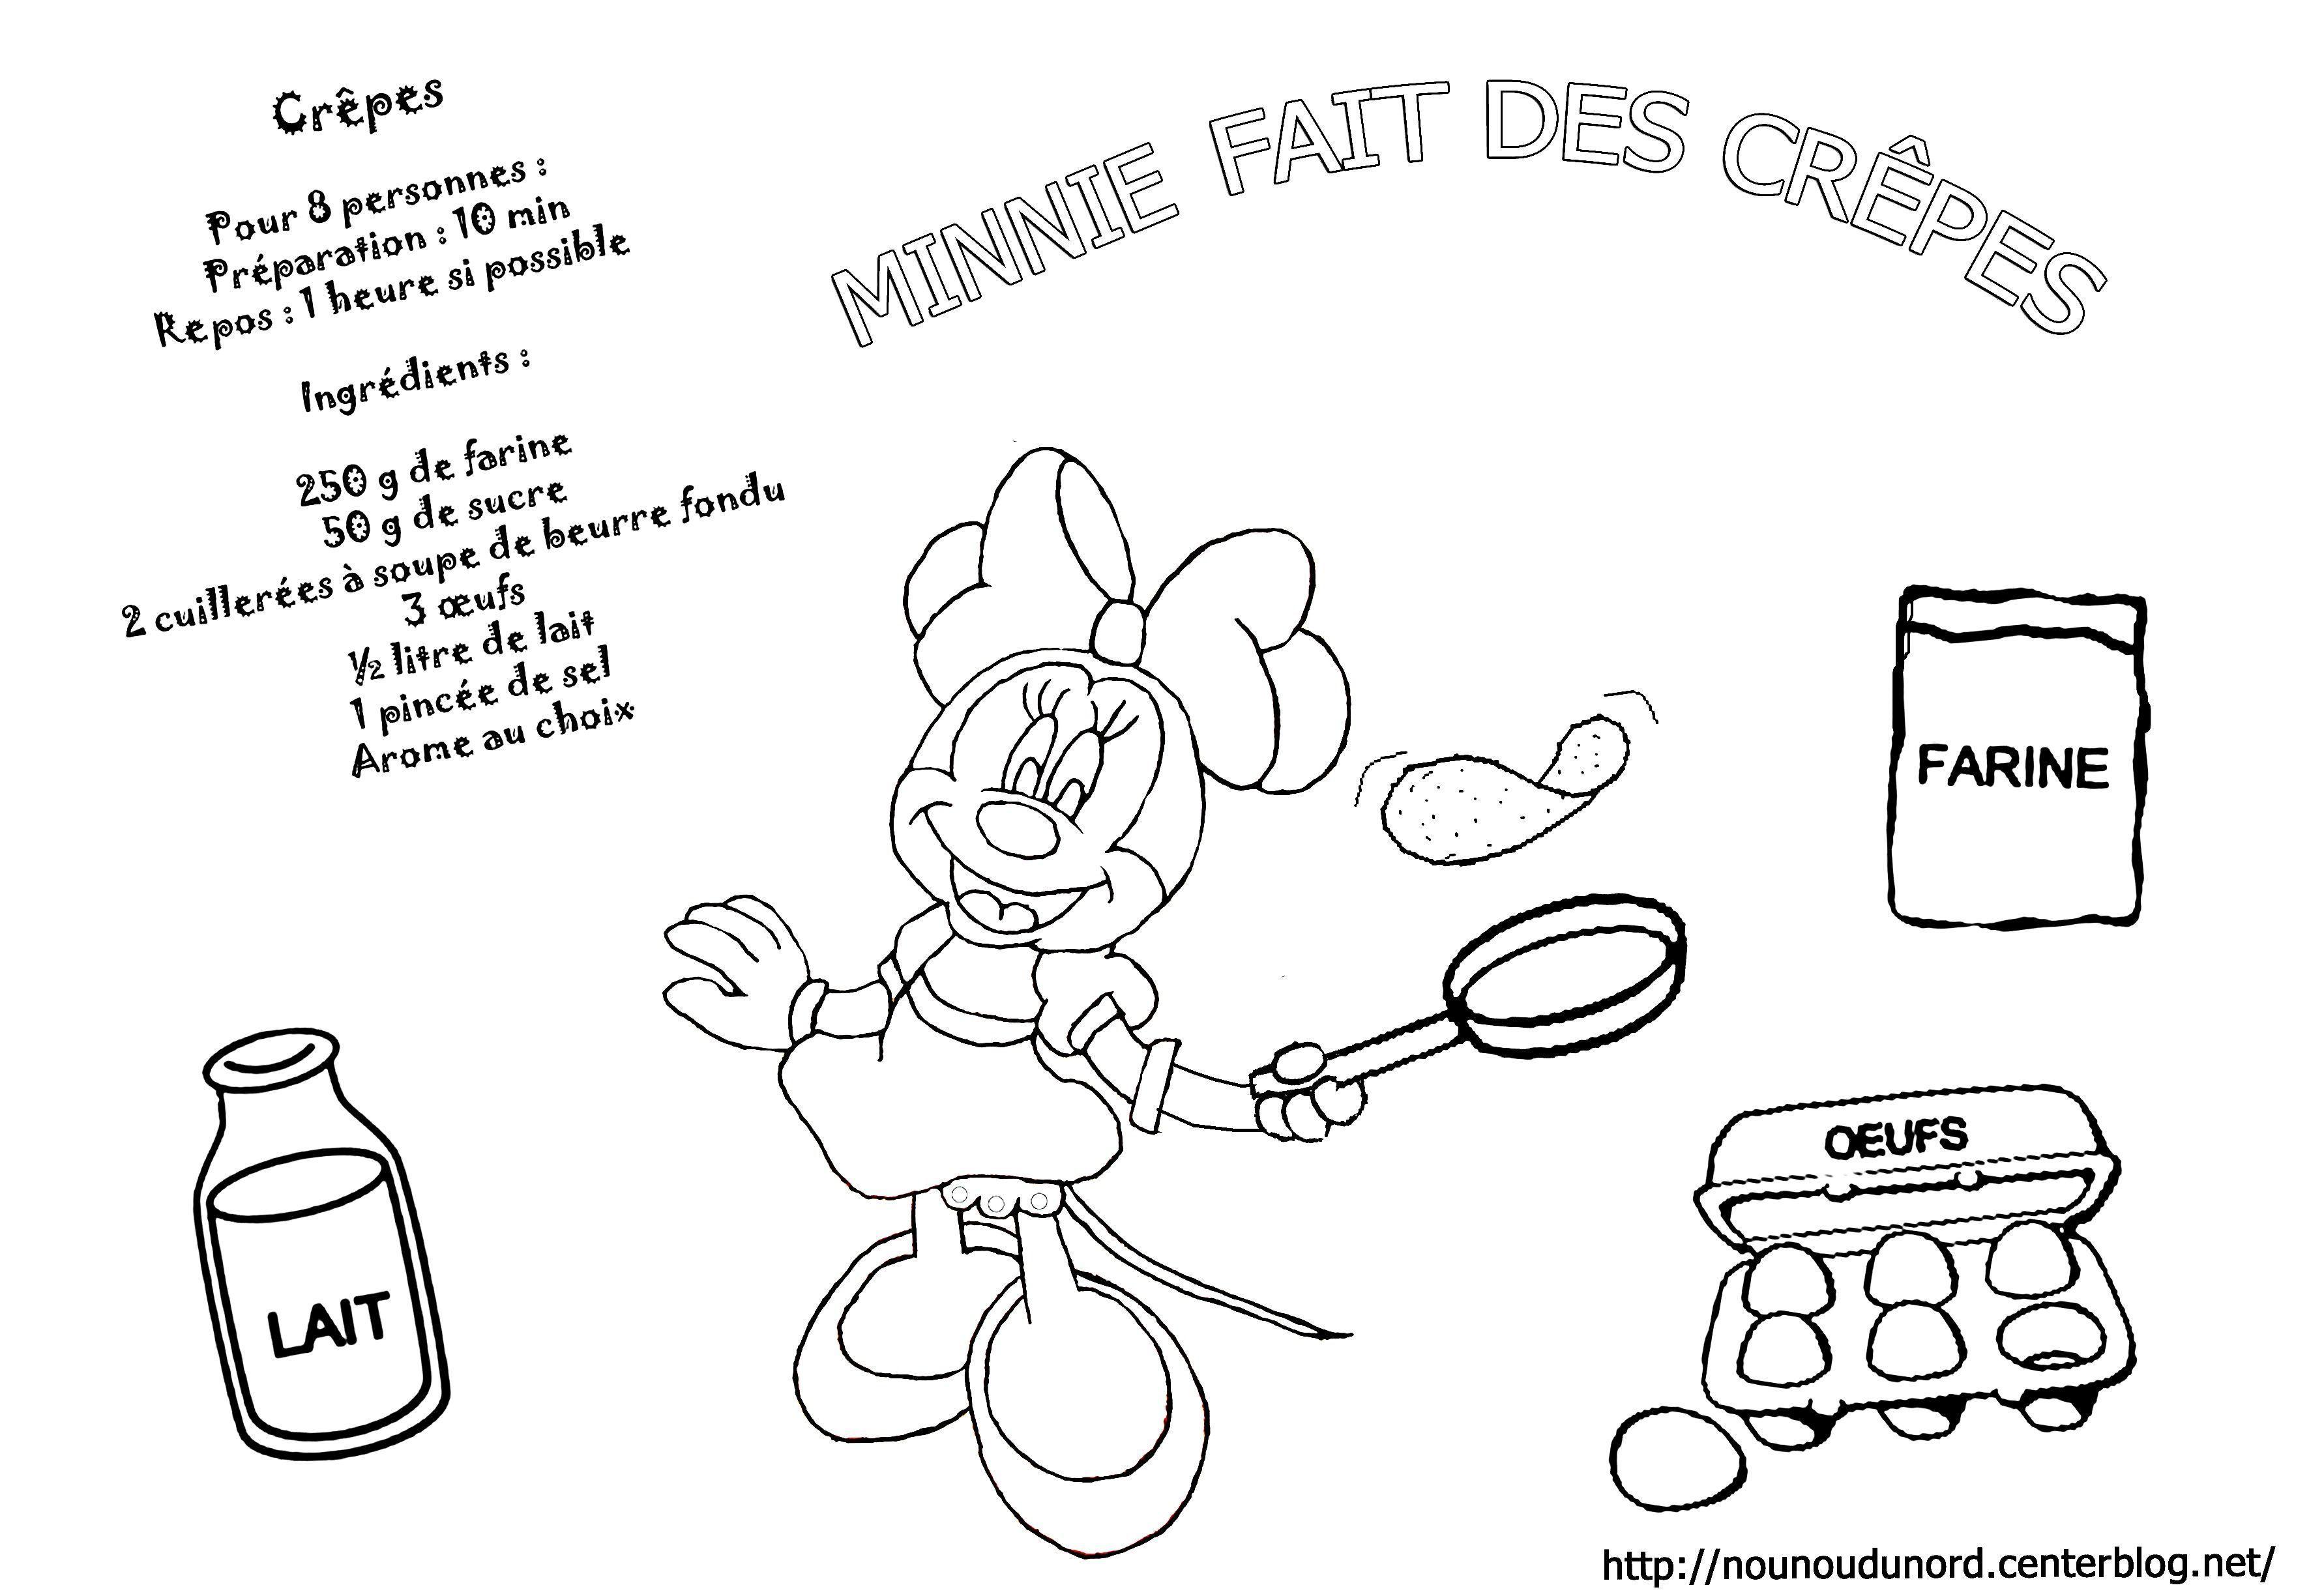 Coloriage Minnie Fait Des Crepes Dessine Par Nounoudunord